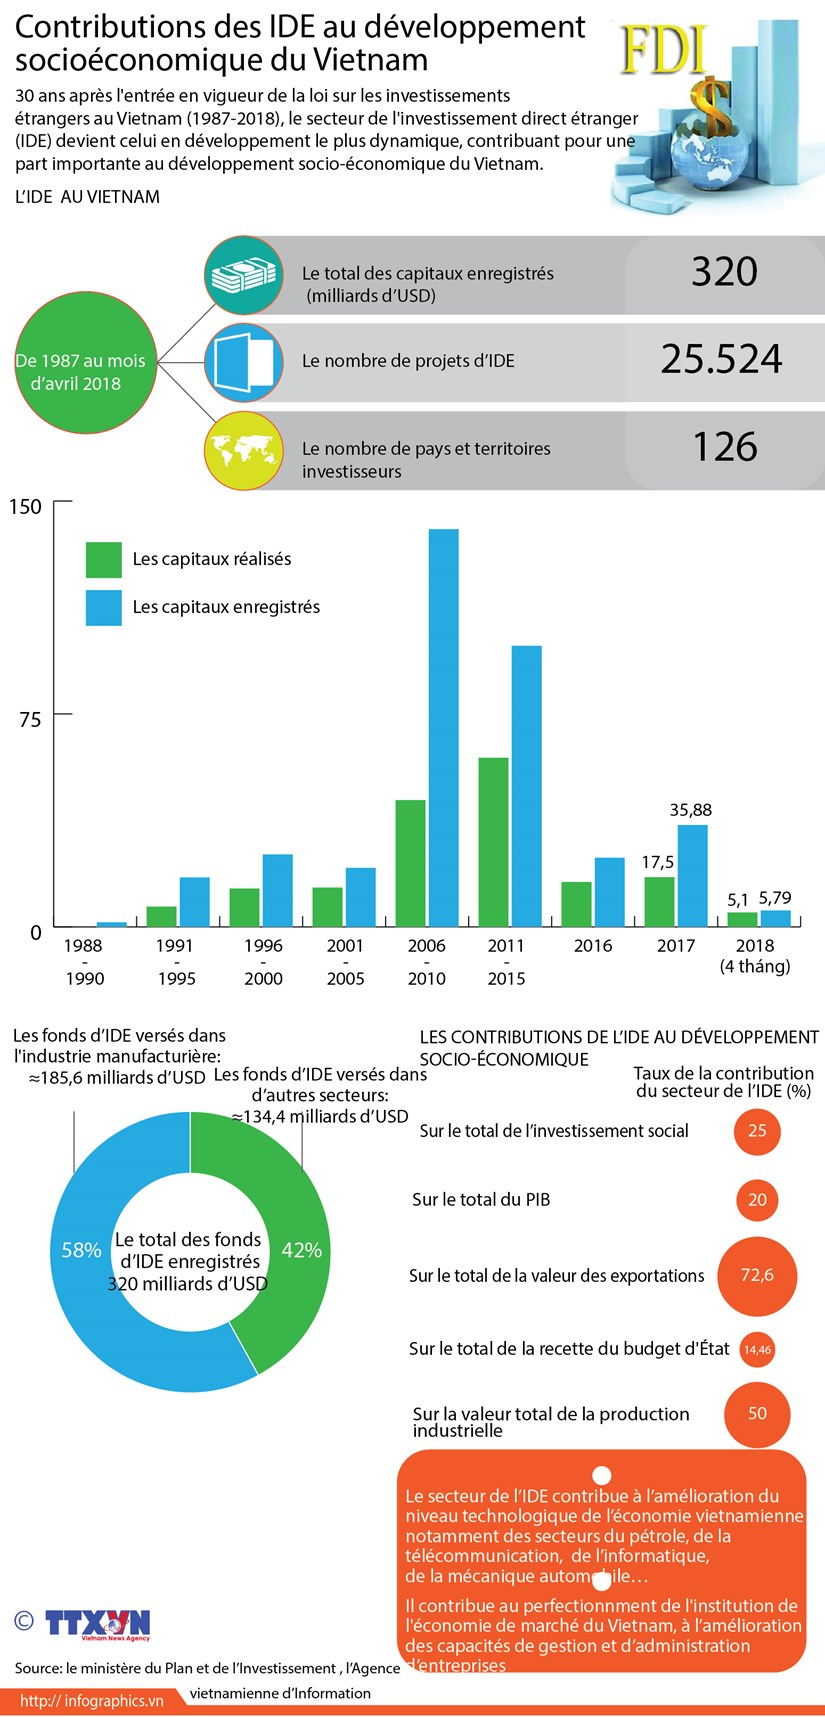 Constributions des IDE au developpement socioeconomique du Vietnam hinh anh 1